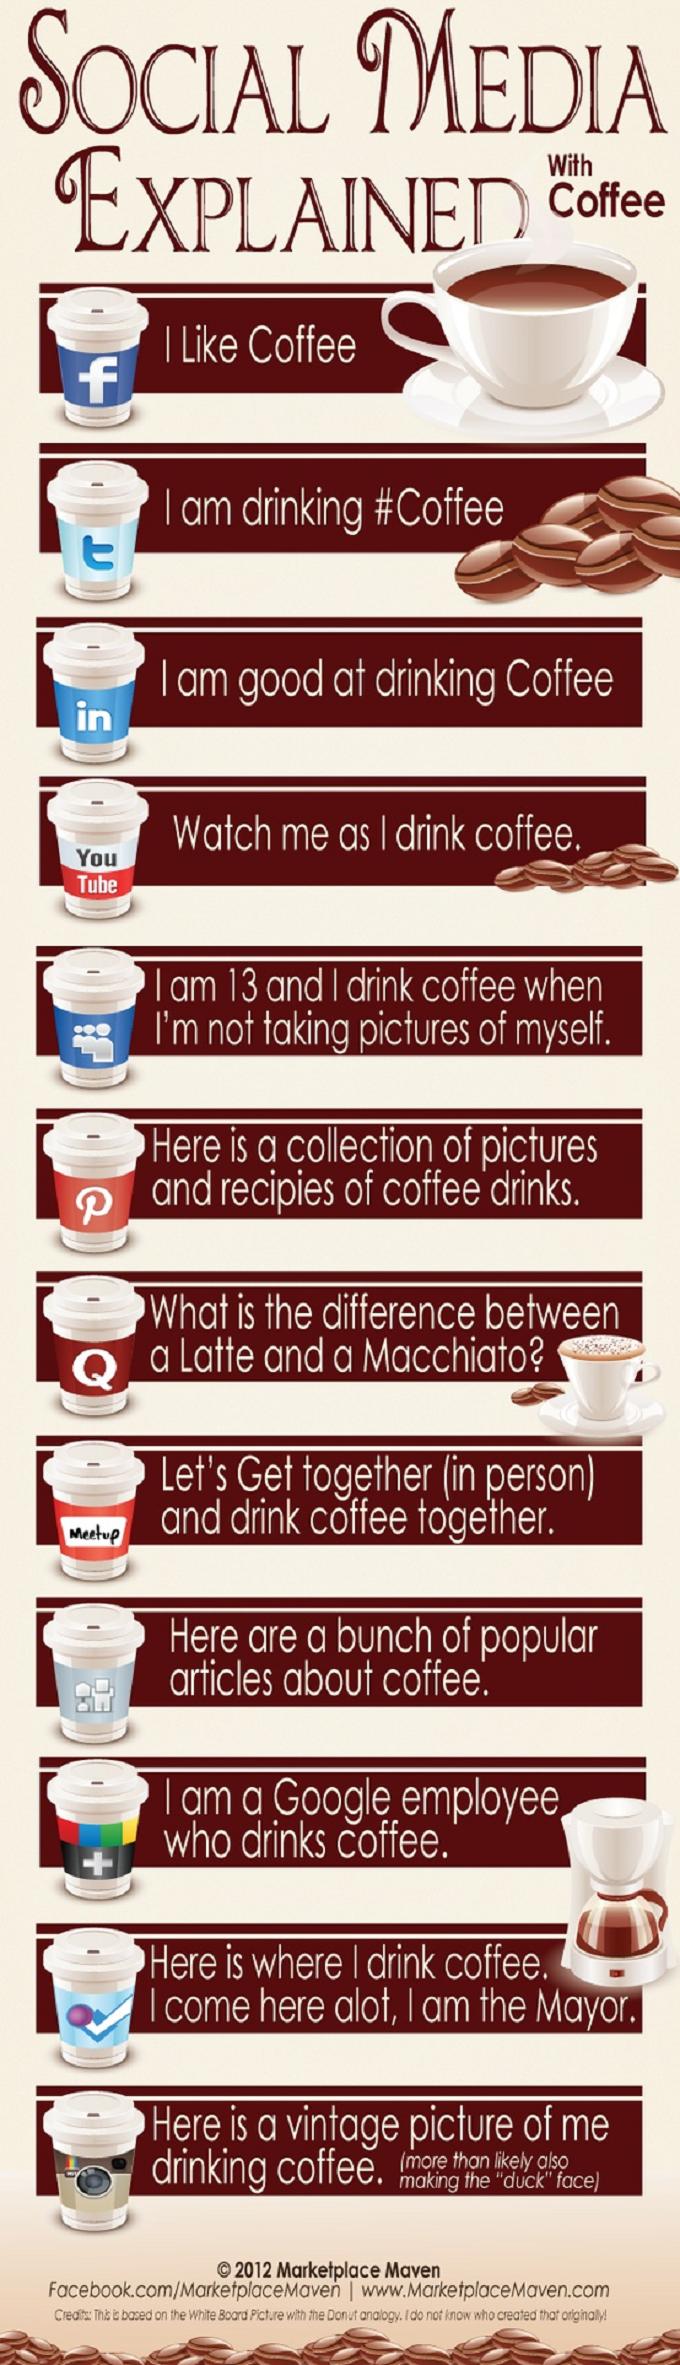 kafe social media